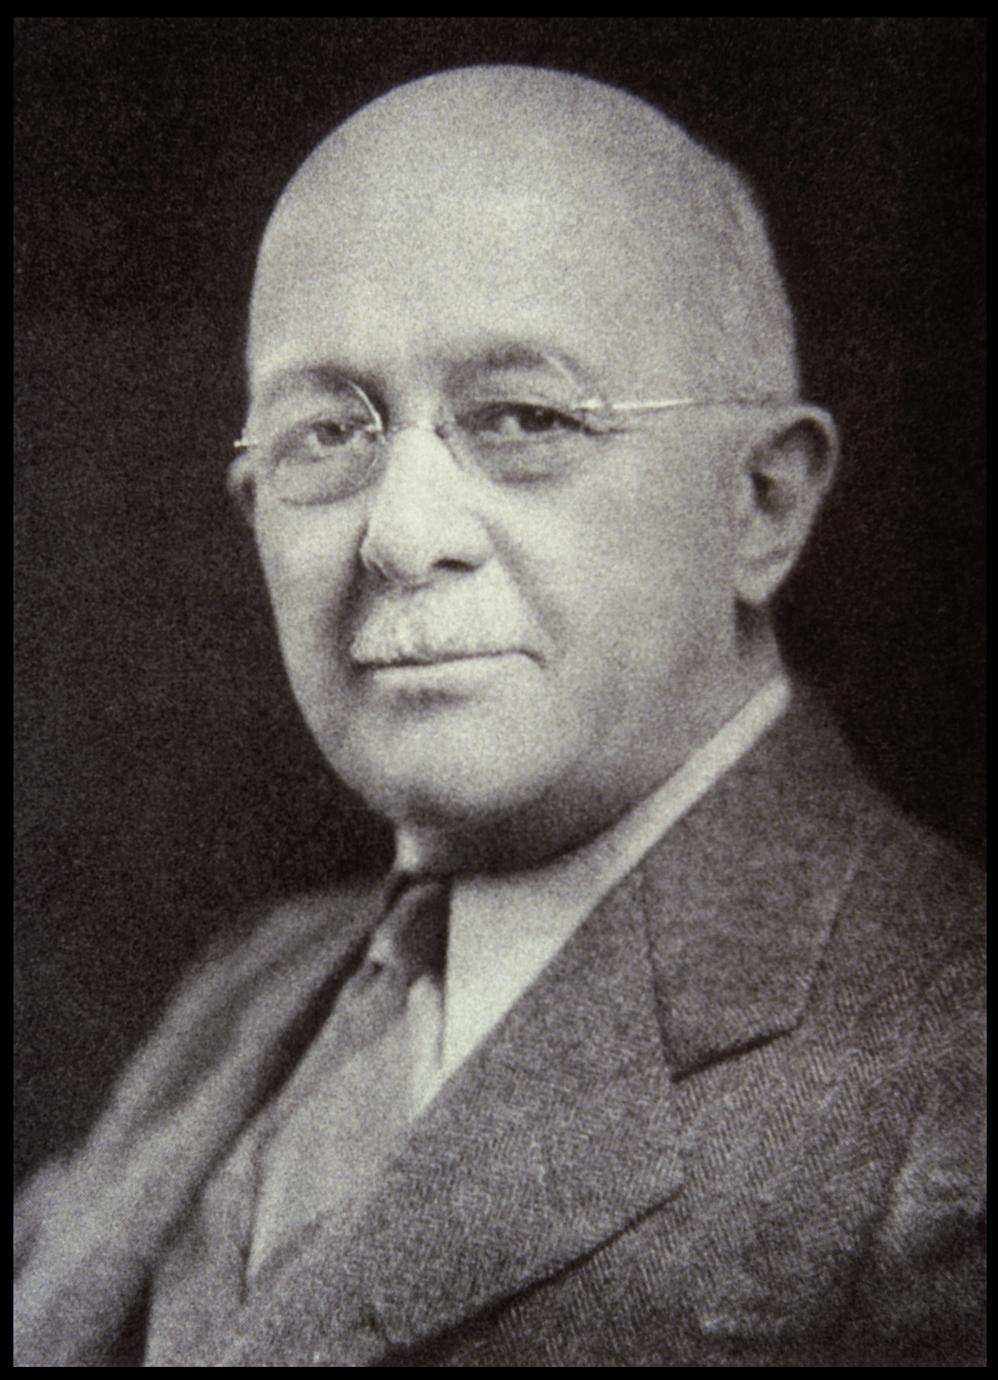 Wilson, Halsey William